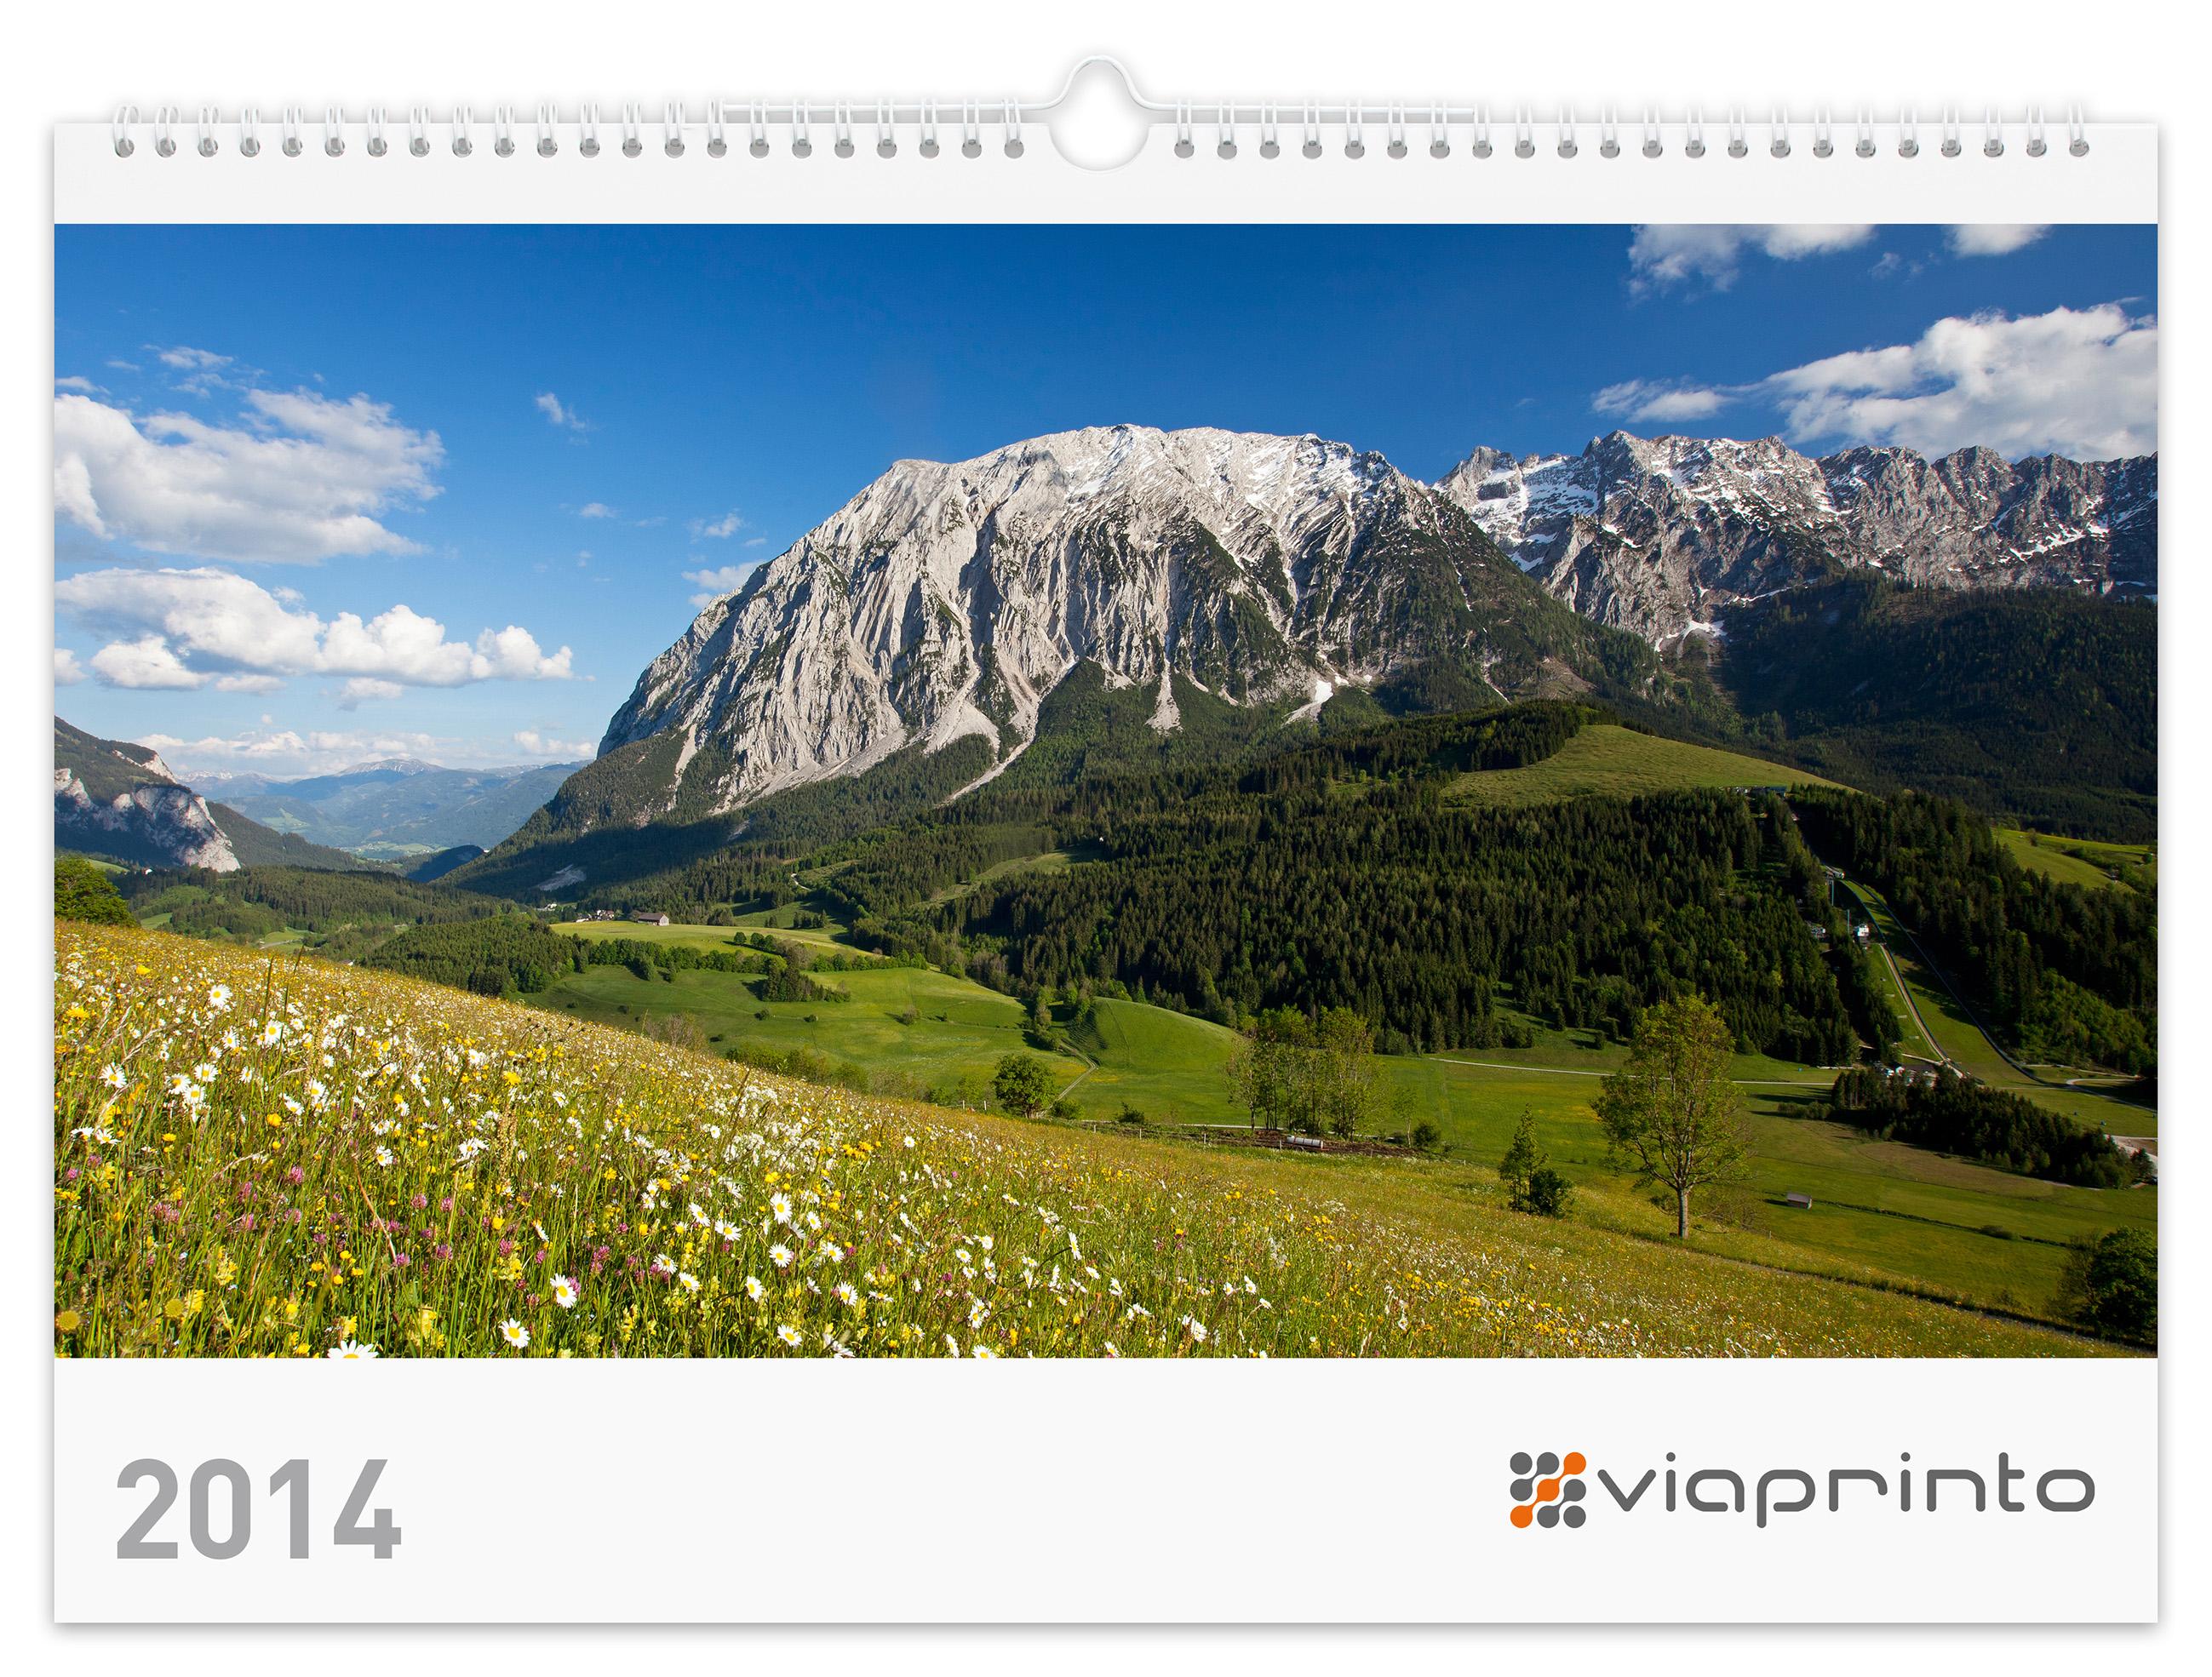 https://www.viaprinto.de/motivkalender#/bergwelten